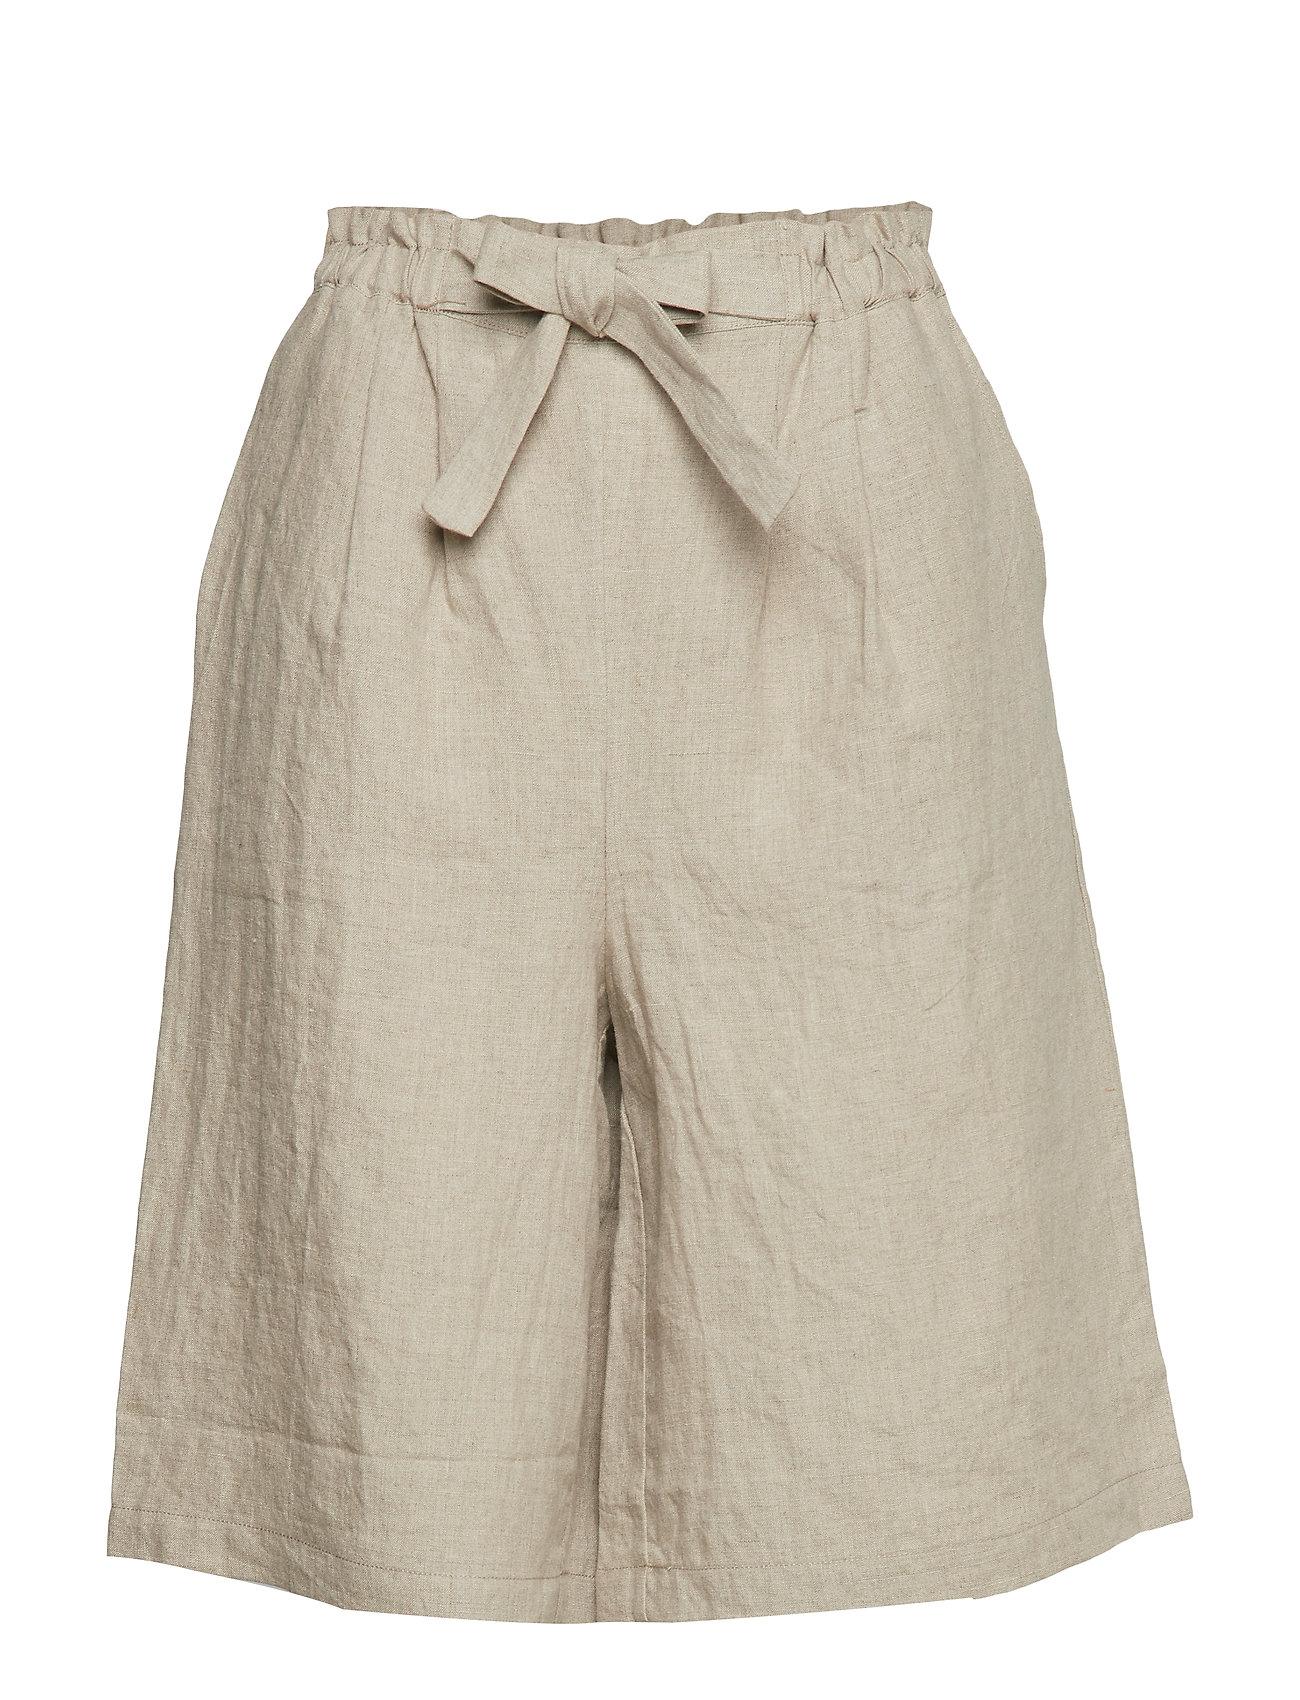 Masai Patricia shorts - NATURAL